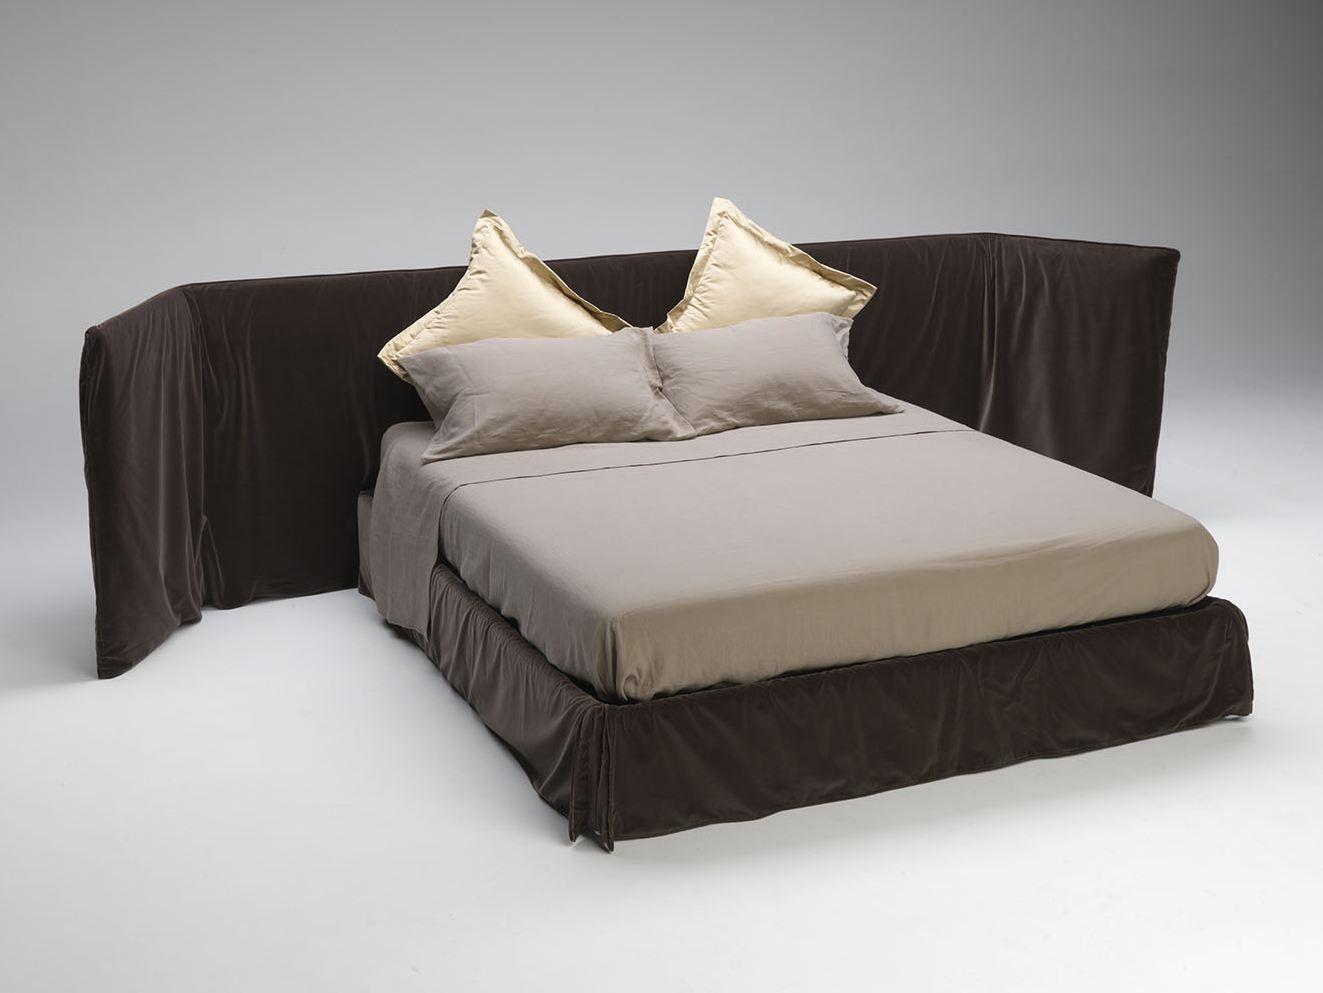 Letto matrimoniale con testiera imbottita my bed - Testiera imbottita letto ...